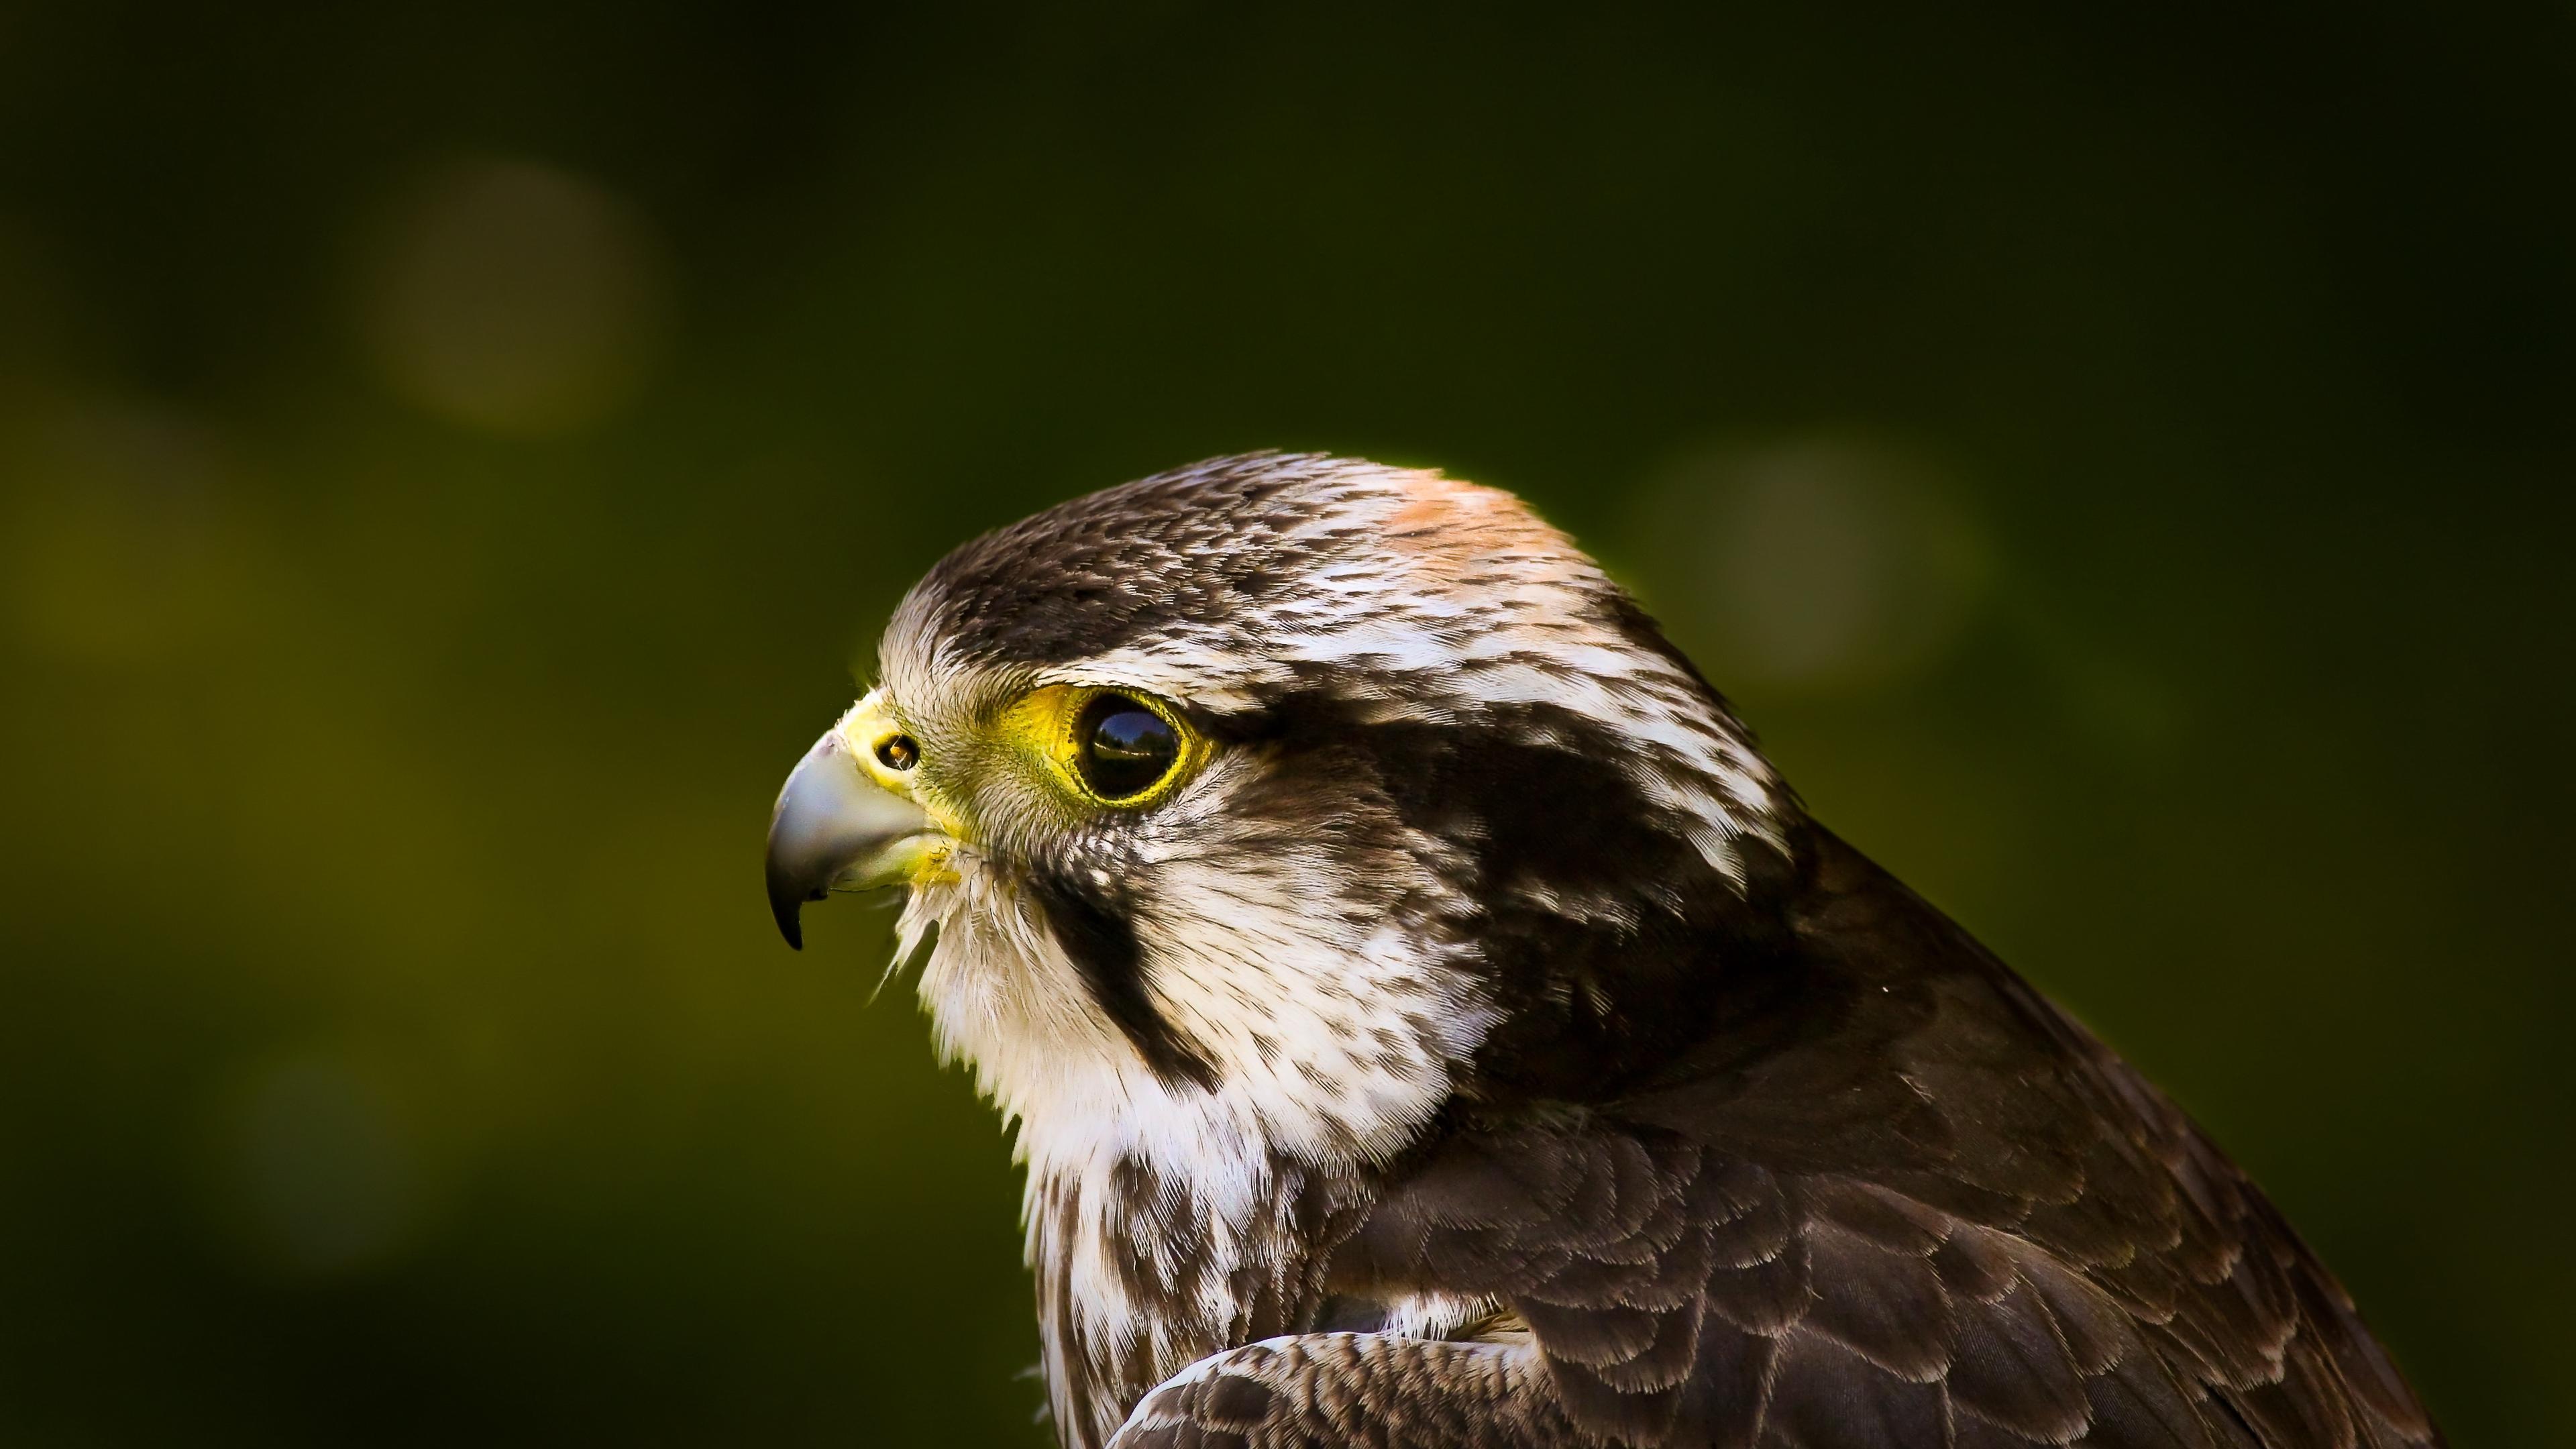 hawk bird glare background beak predator 4k 1542241588 - hawk, bird, glare, background, beak, predator 4k - Hawk, glare, Bird